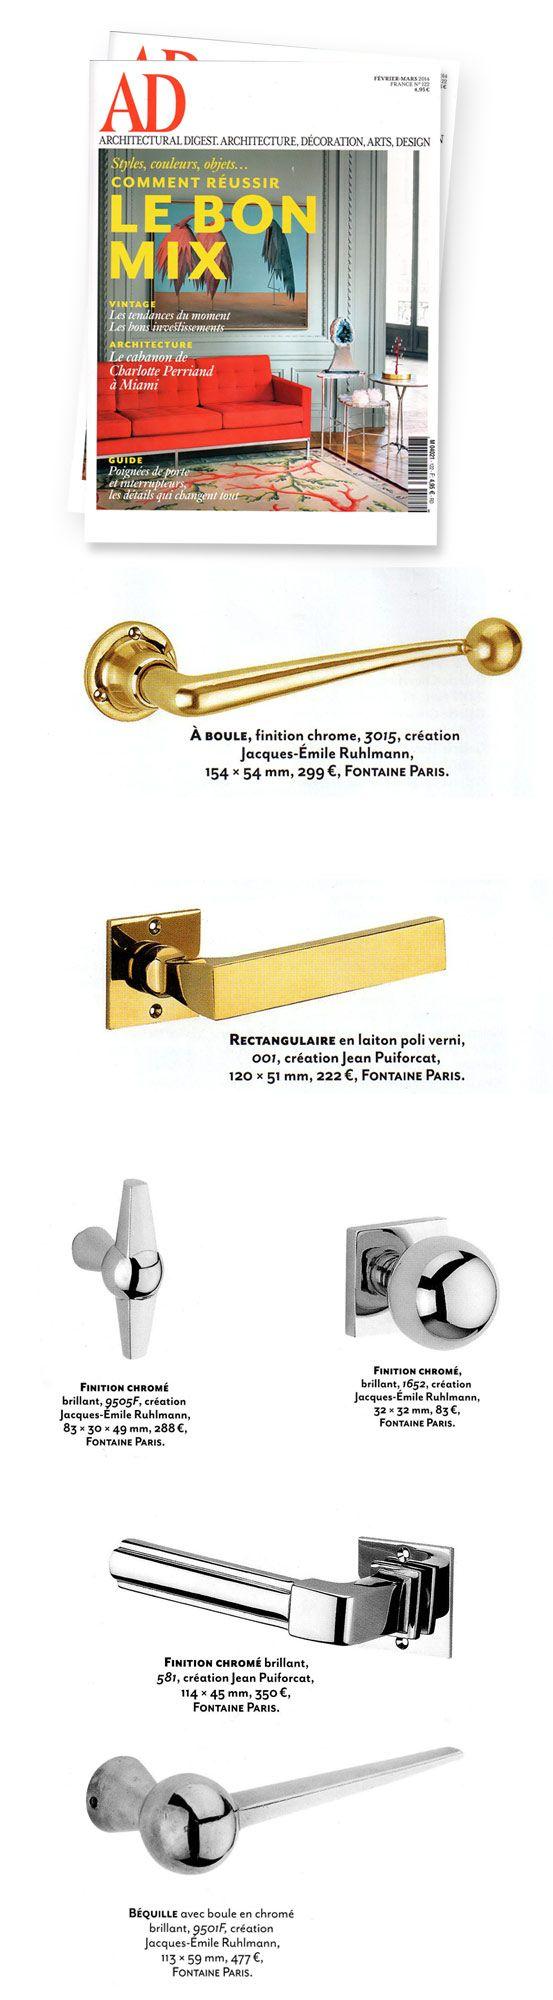 AD architecture : garnitures de porte Art Déco de la Maison Fontaine. #Handles #Puiforcat #Ruhlmann #artdeco